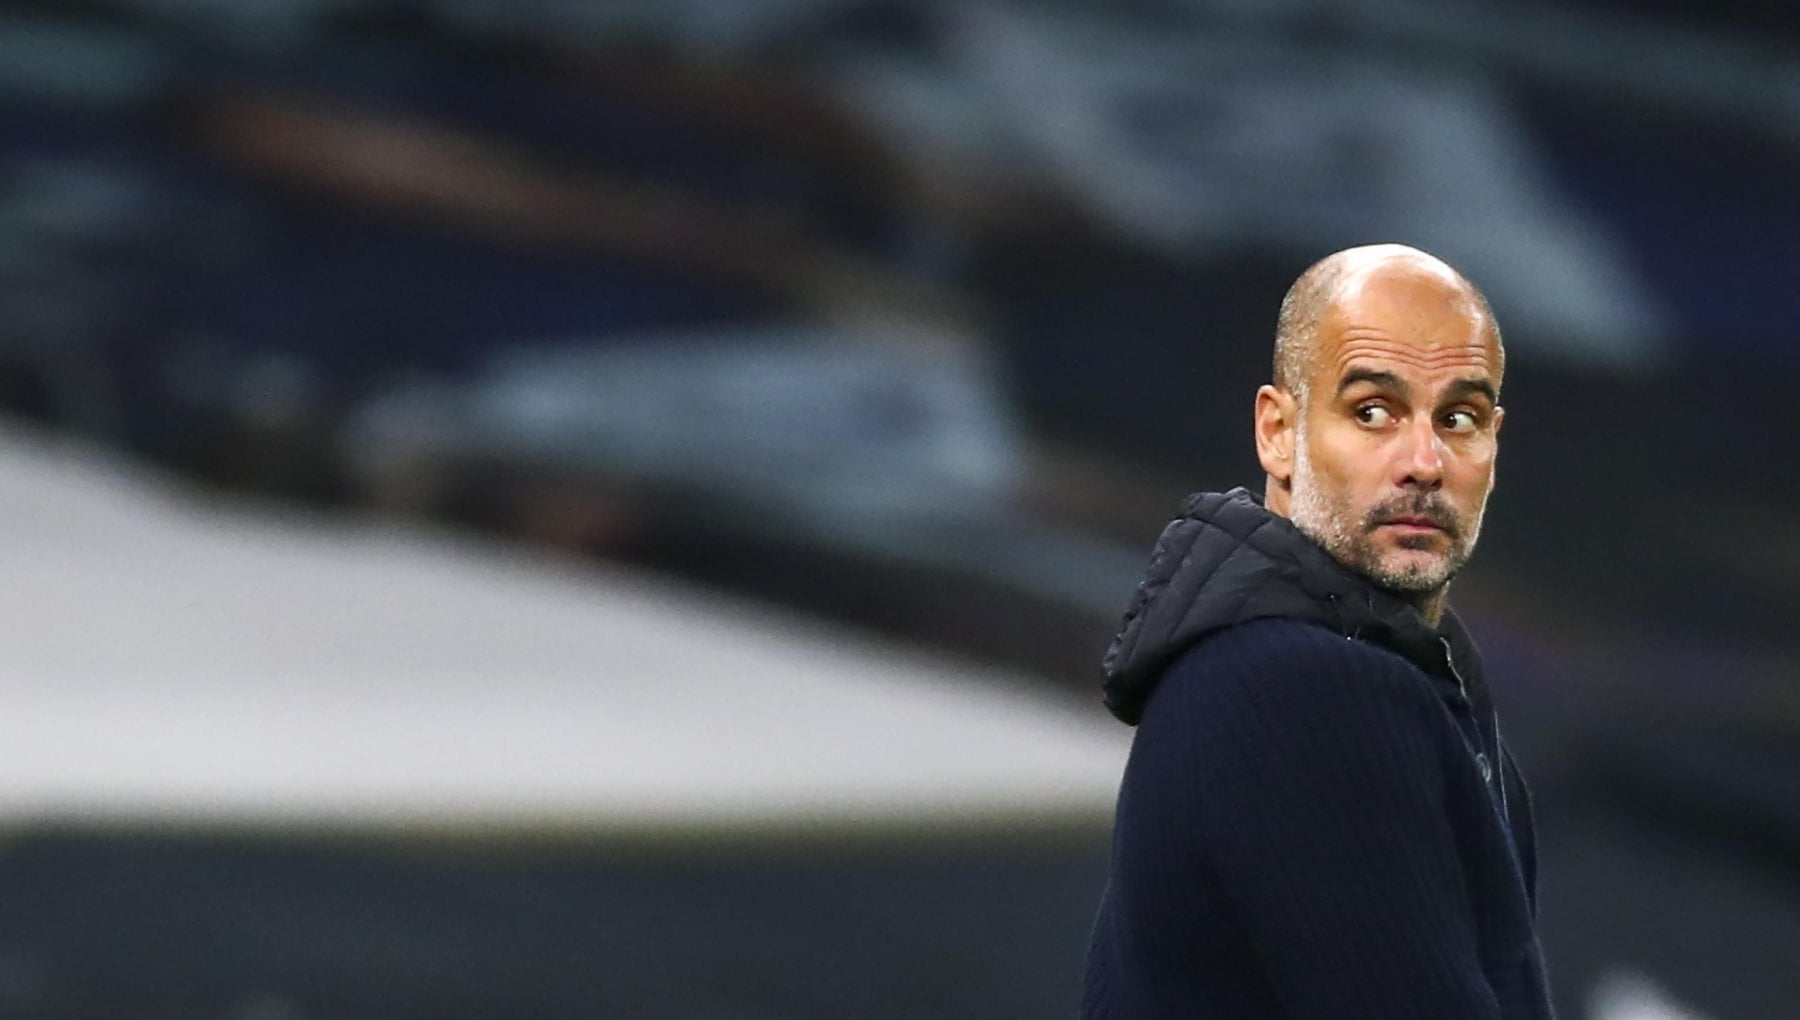 Tanti soldi pochi risultati dopo il ko con Mourinho lInghilterra si interroga su Guardiola